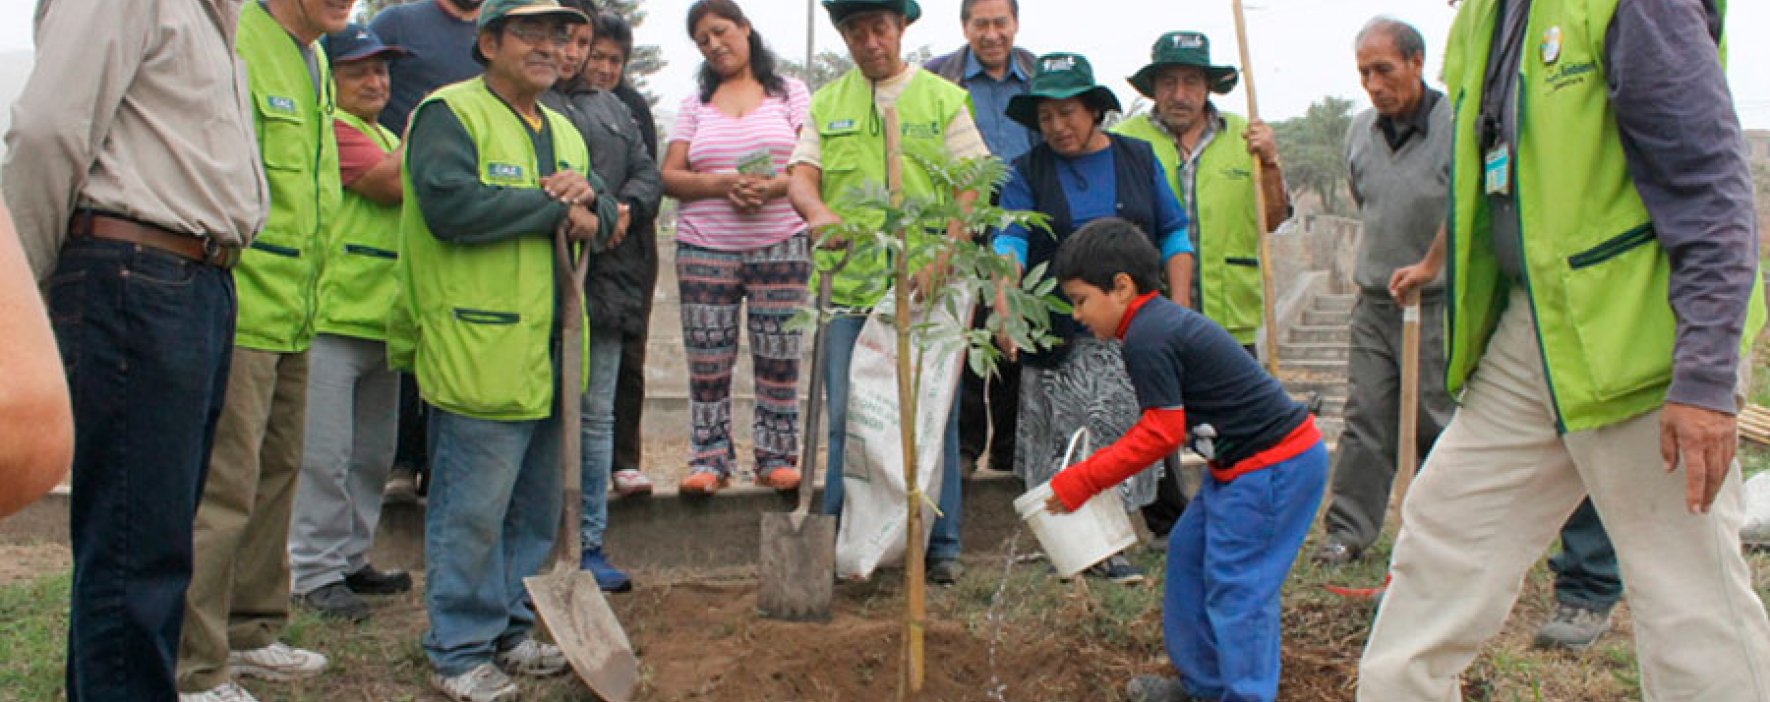 4 iniciativas que buscan mejorar el medio ambiente e involucrar a las comunidades